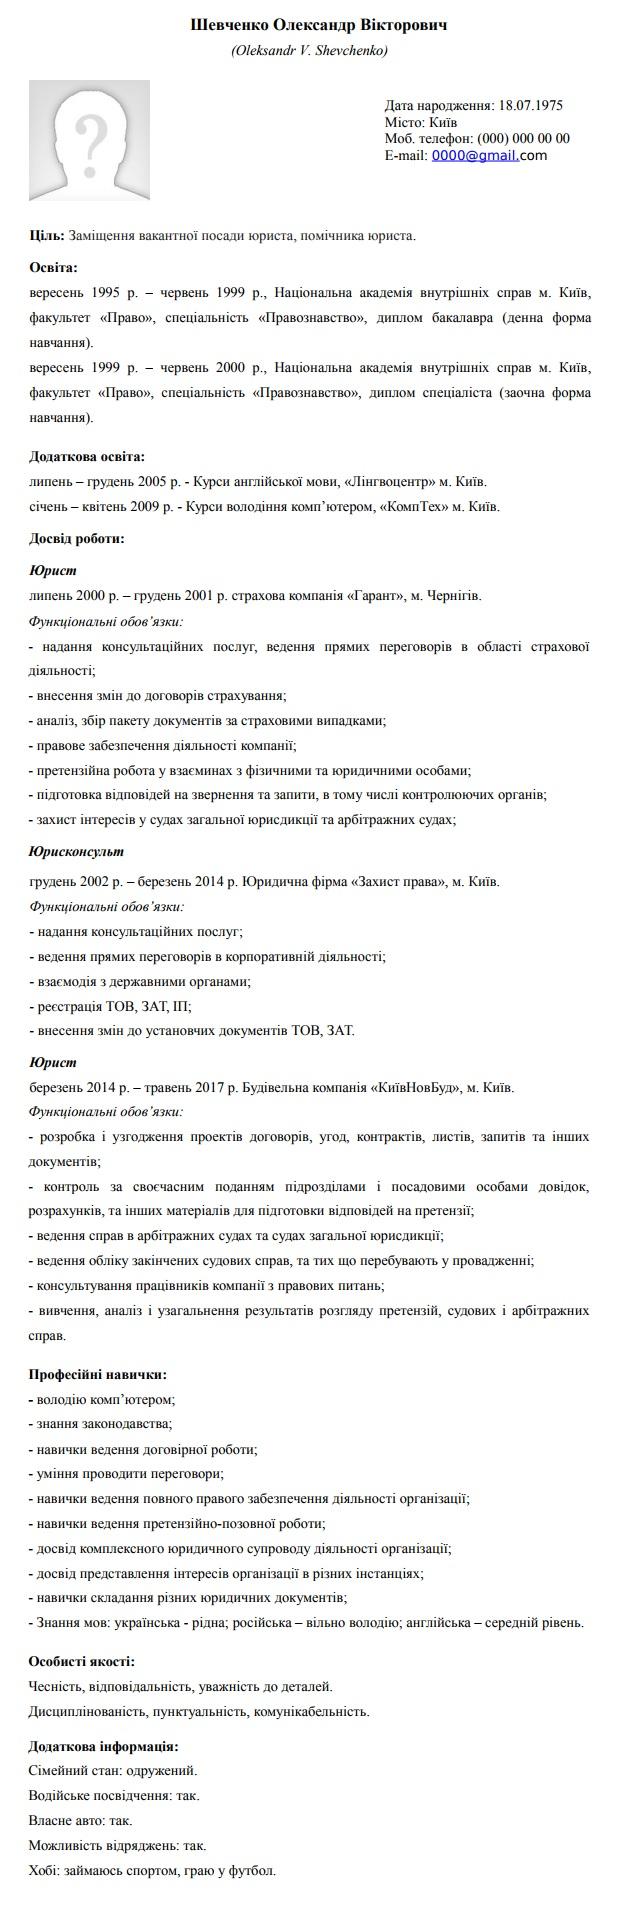 Образец резюме на украинском языке